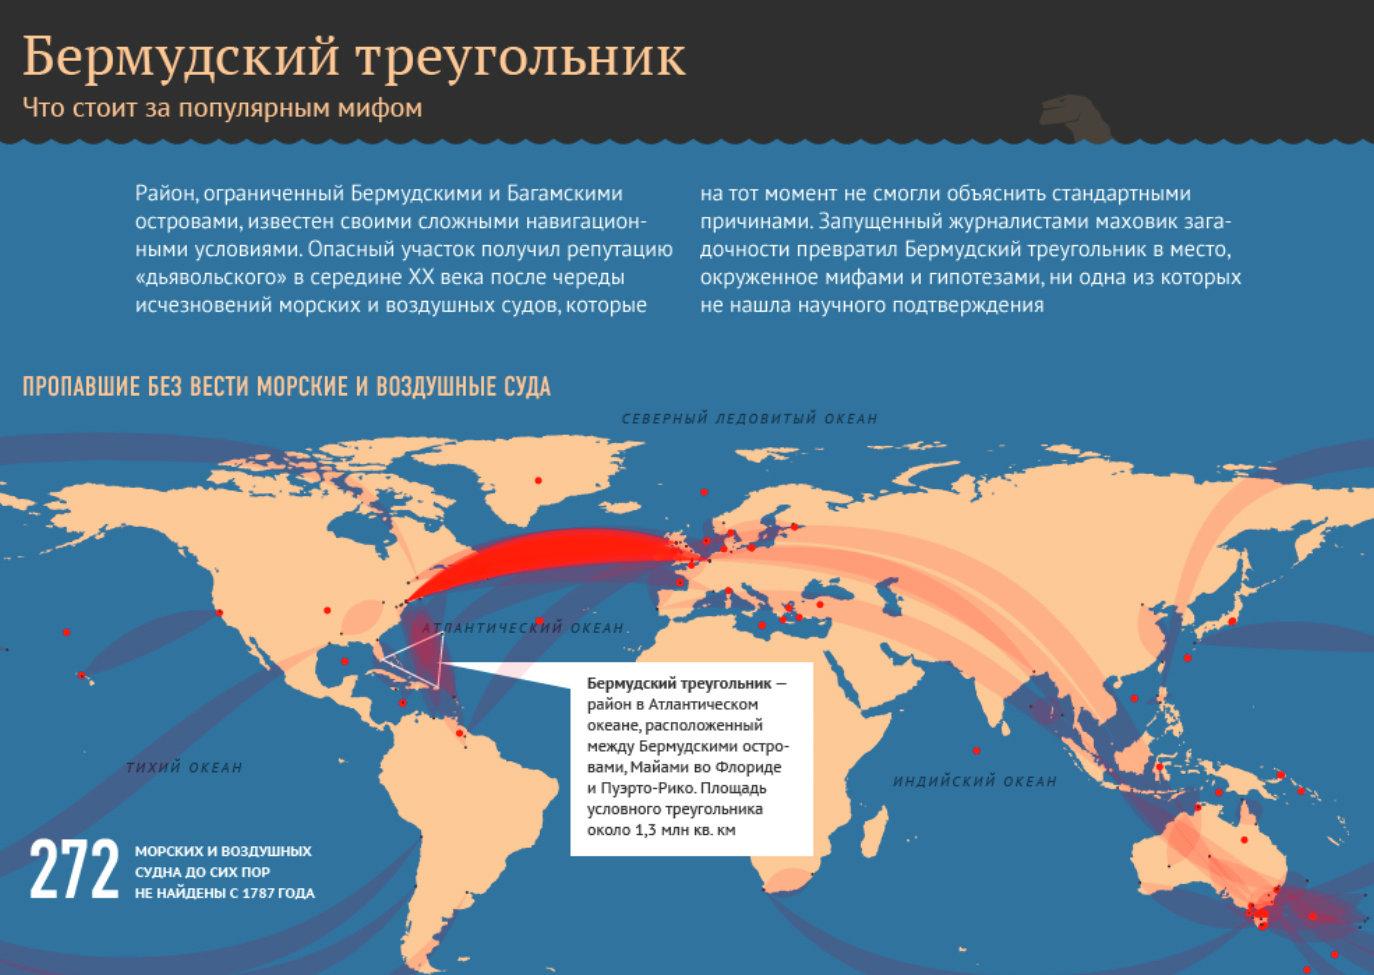 Асрори секунҷаи Бермуд - Sputnik Тоҷикистон